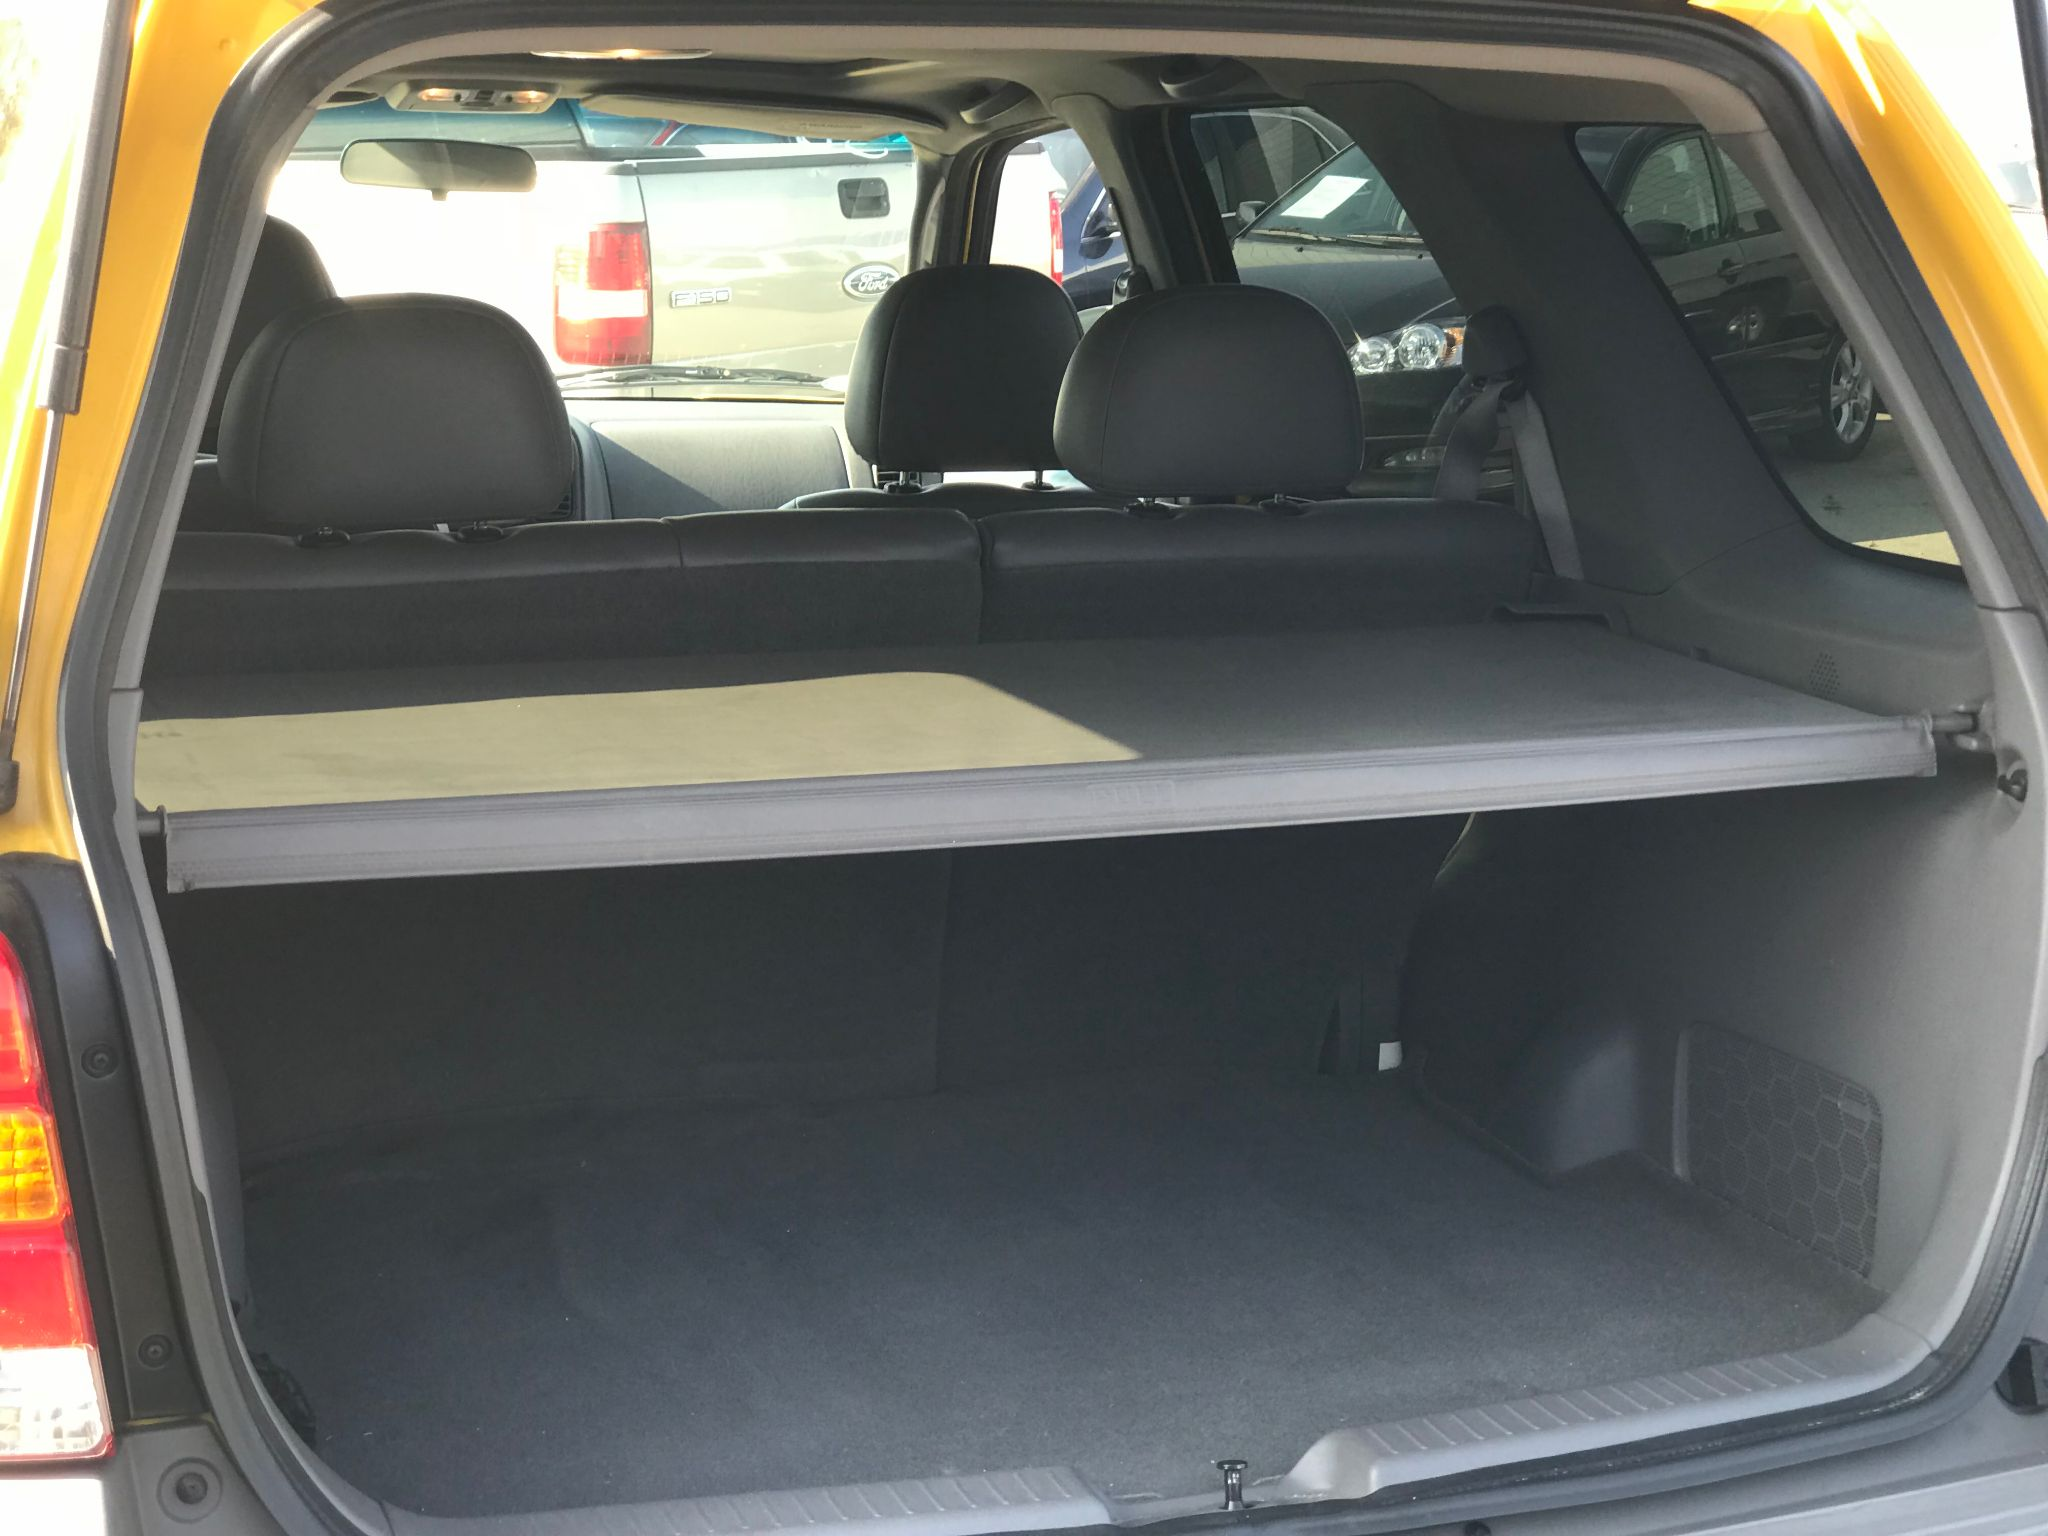 2002 Ford Escape XLT Premium